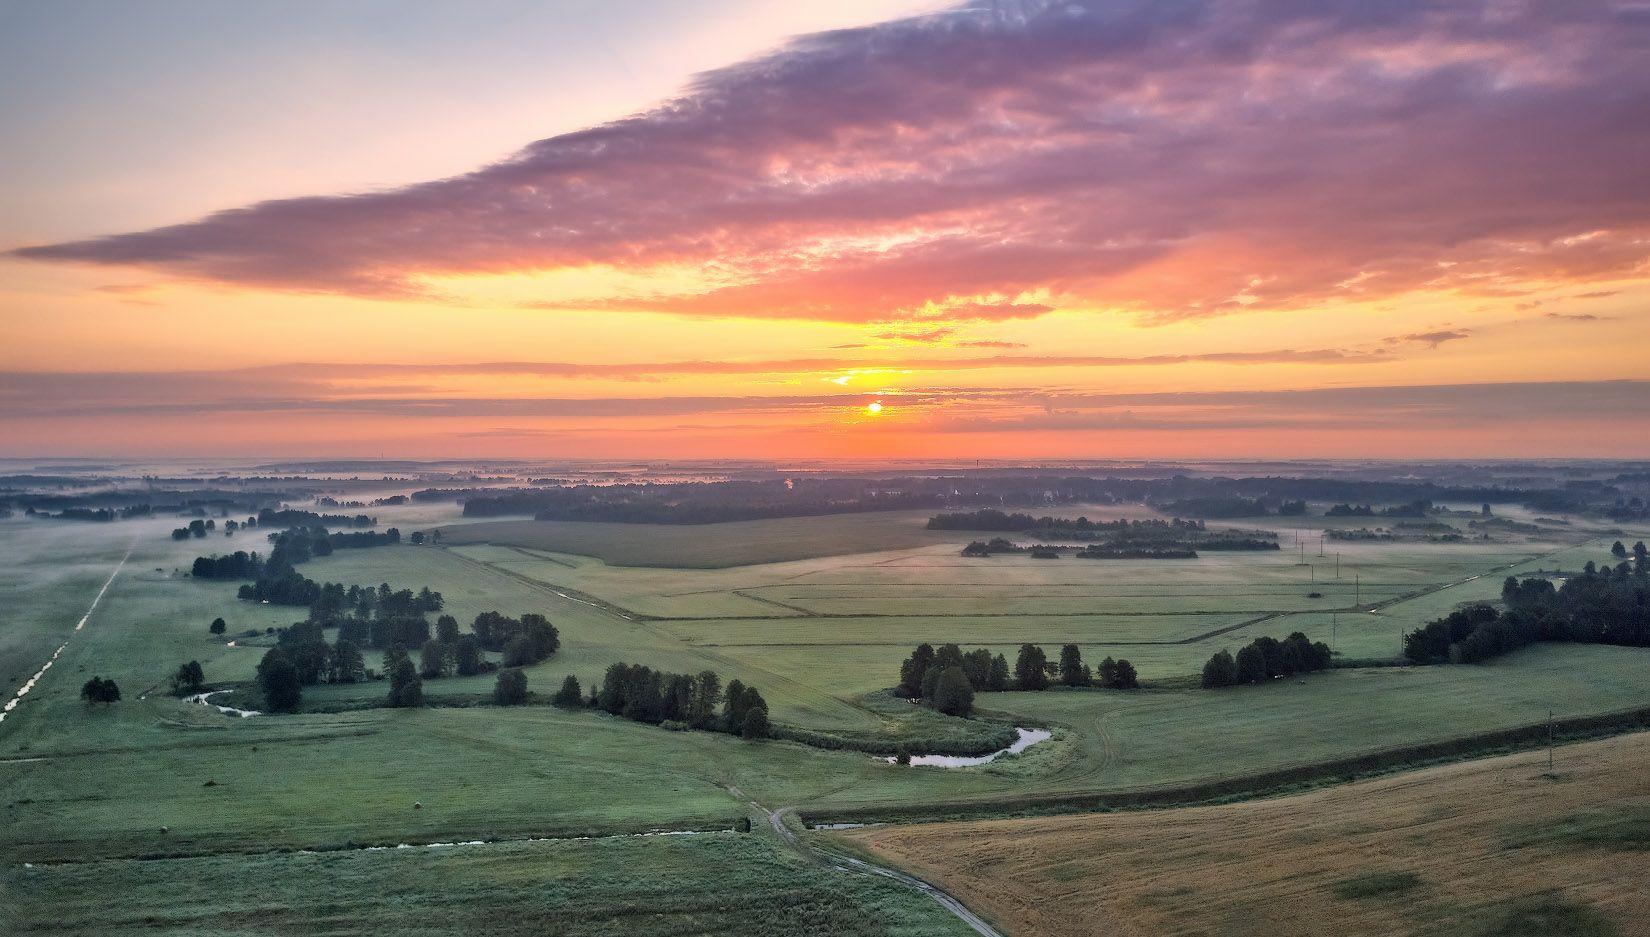 беларусь, июль, лето, поля, рассвет, река, туман, уса, утро, Вейзе Максим